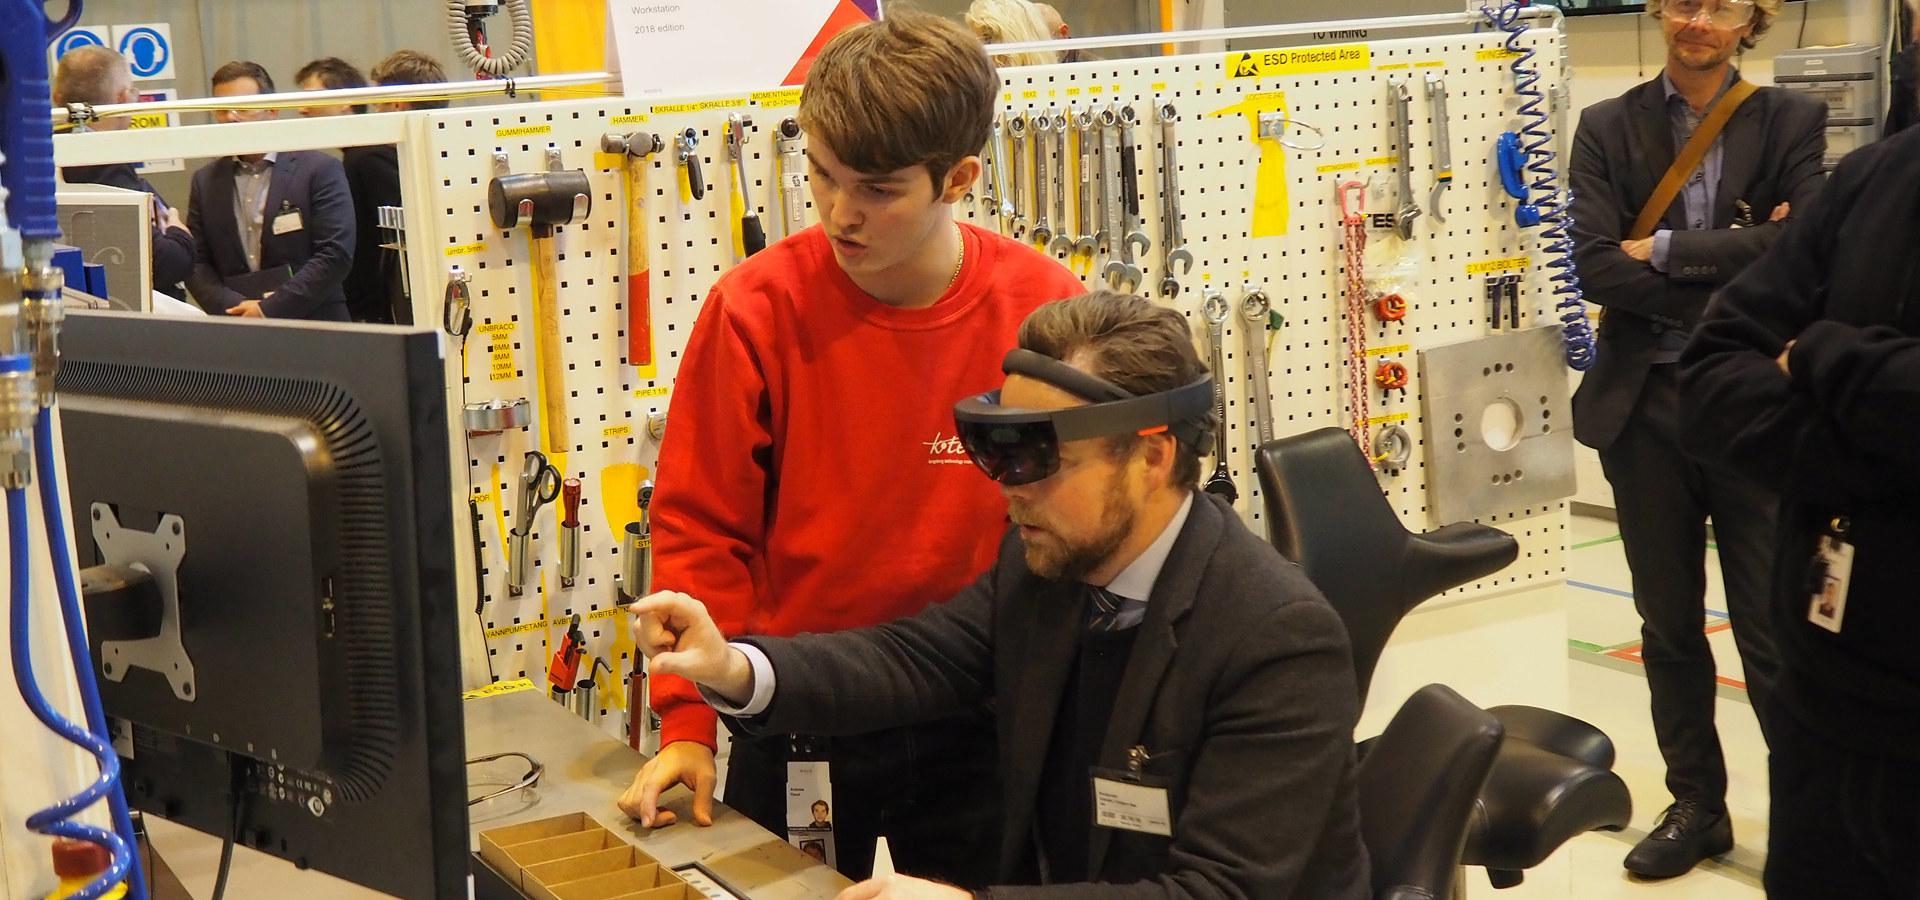 Næringsminister Torbjørn Røe Isaksen fikk prøve AR-briller hos TechnipFMC på Kongsberg i forbindelse med Topplederforum 30. oktober 2018.